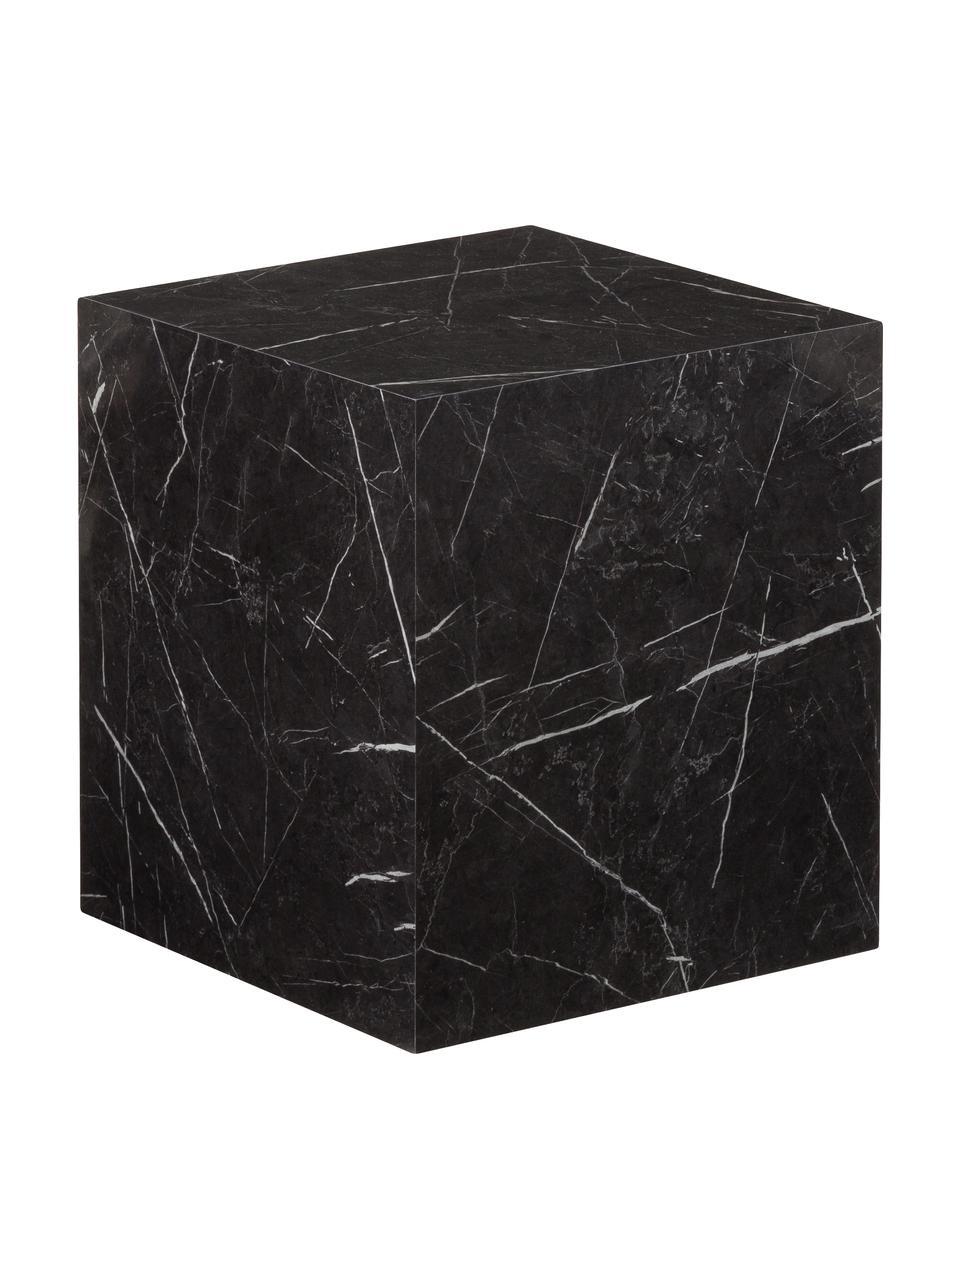 Bijzettafel Lesley in marmerlook, MDF, bekleed met melaminefolie, Zwart, marmer-look, 45 x 50 cm